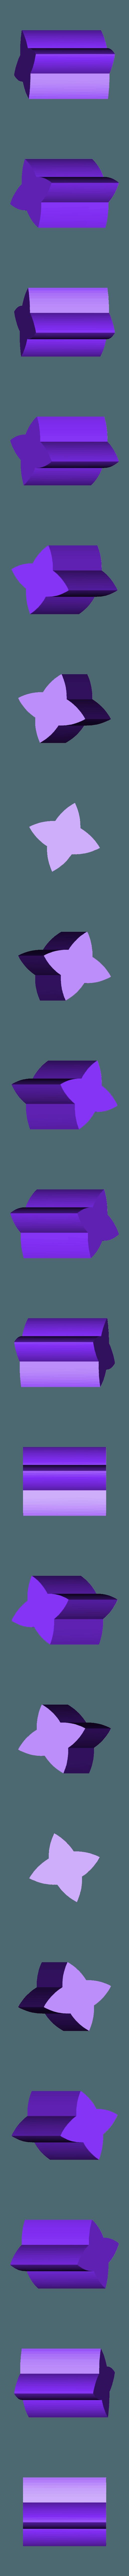 transmission_shaft.stl Télécharger fichier STL gratuit Transmission à engrenages coniques • Modèle à imprimer en 3D, matthewdwulff